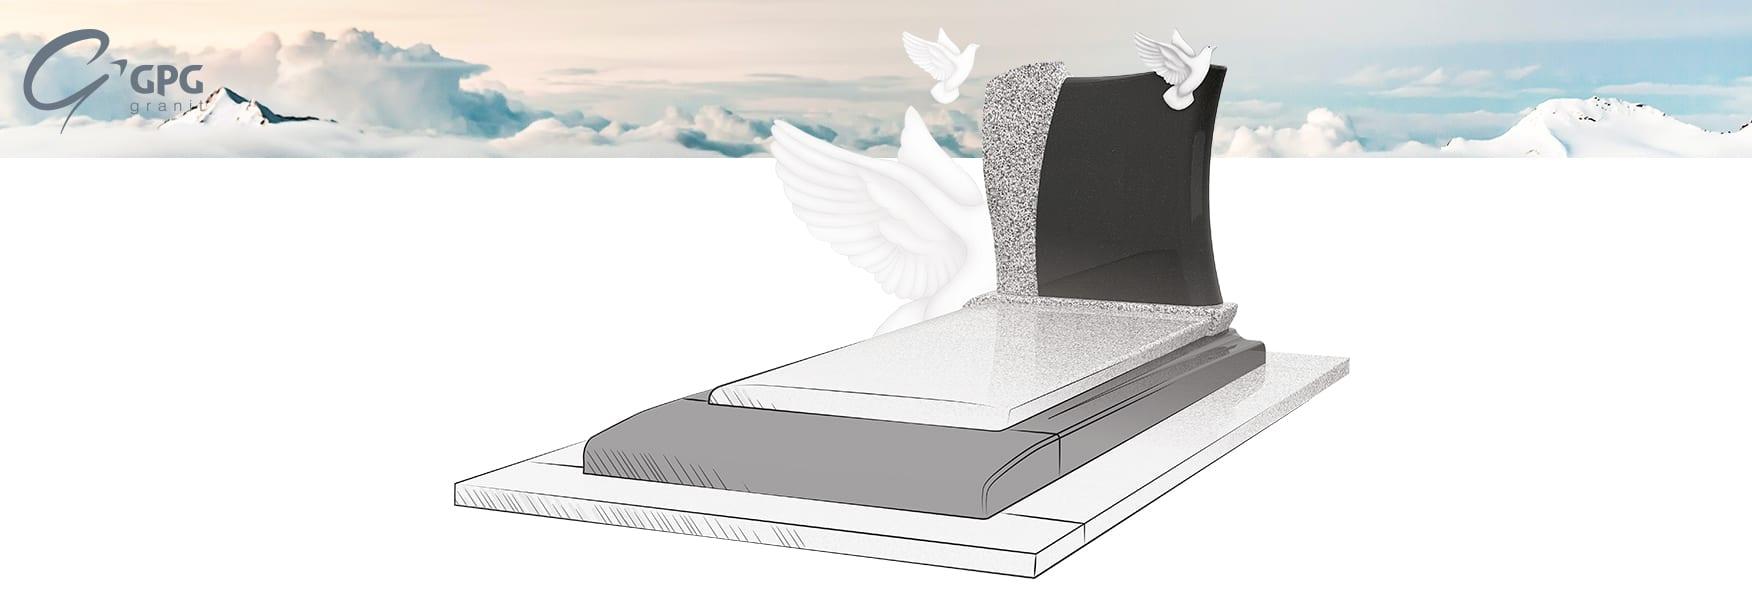 Un monument funéraire contemporain, avec une stèle en forme de livre